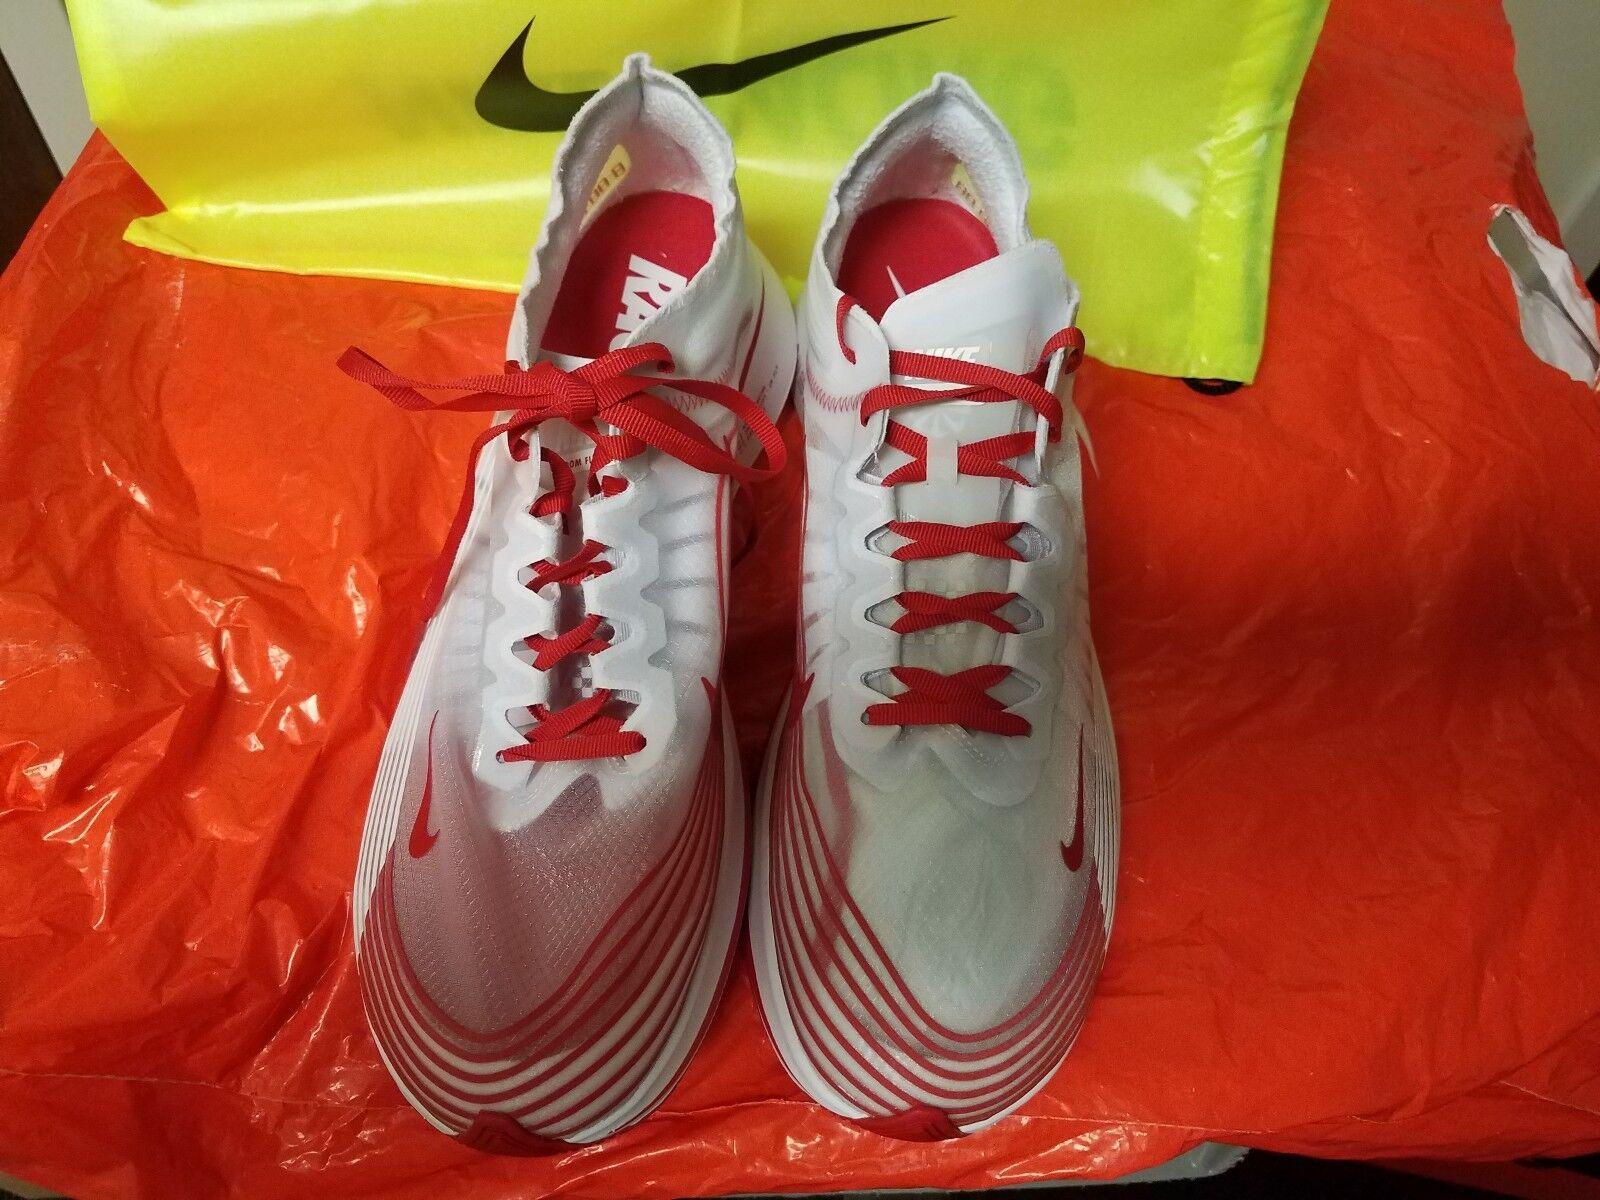 Nike zoom fly bianco sp Uomo correndo la formazione bianco fly rosso aj9282-100 Uomo 11,5 tokyo ec093f